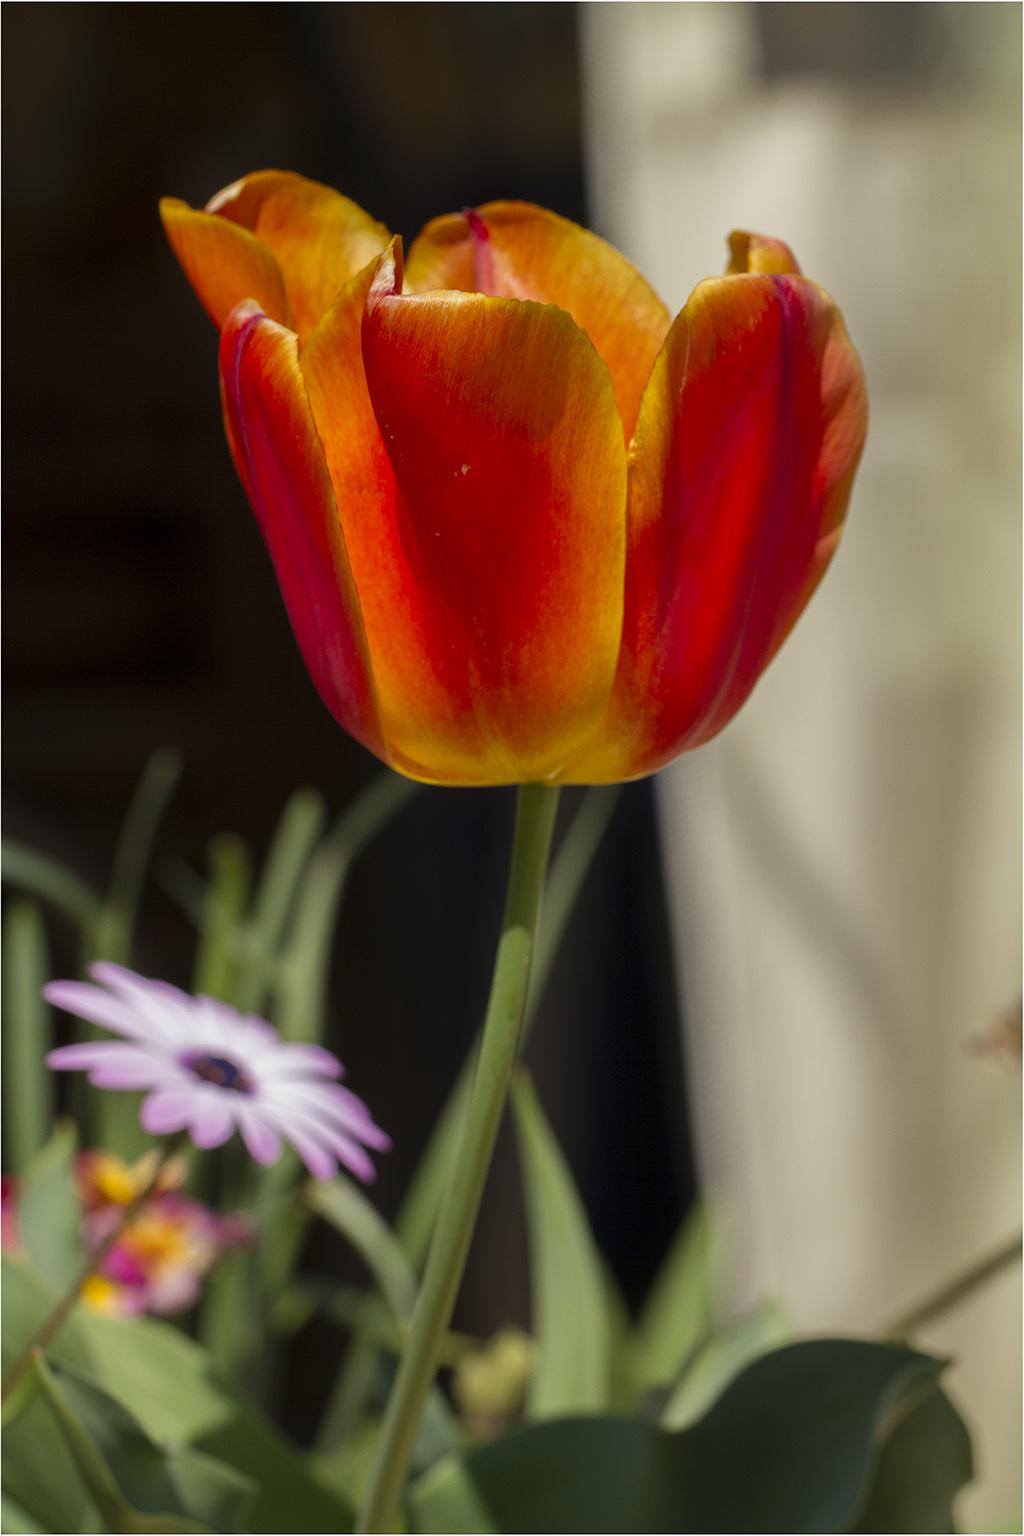 [Flore] Au jardin, la tulipe orange _mg_7815